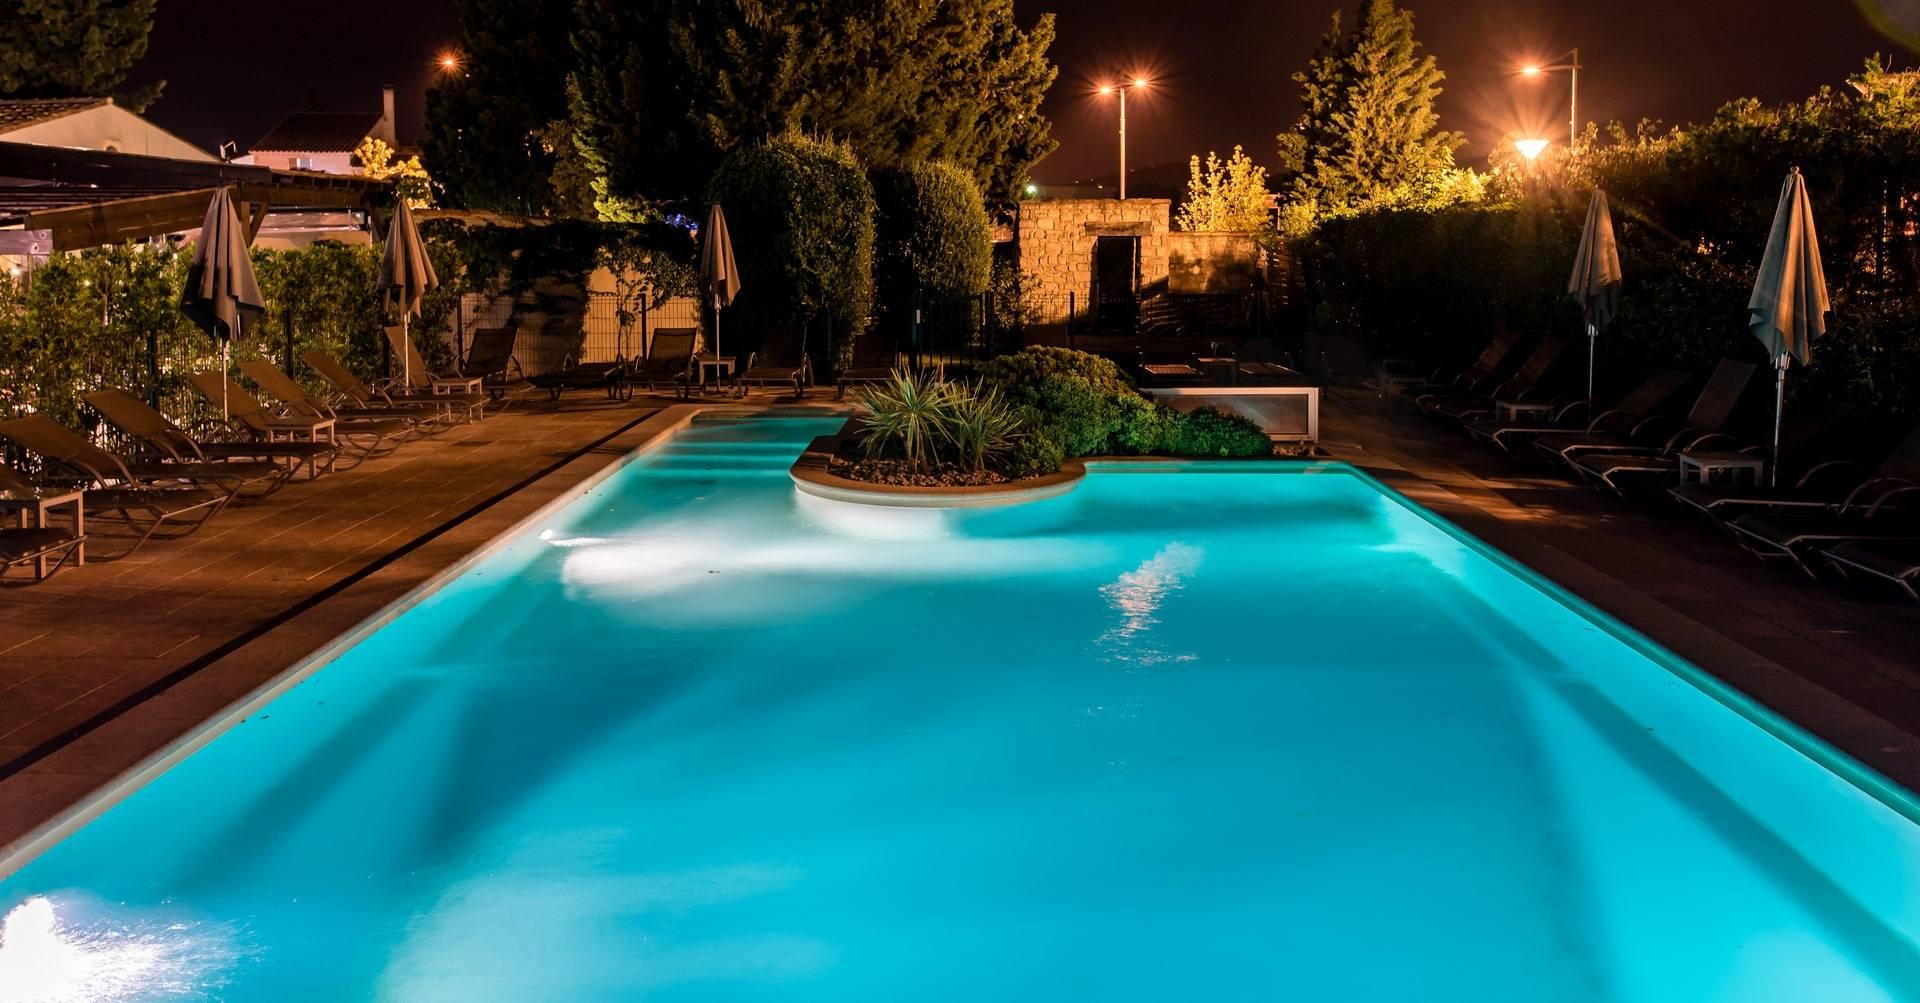 La Piscine Sous La Lune Et Les Etoiles - Avignon - La Strada intérieur Piscine Les Angles